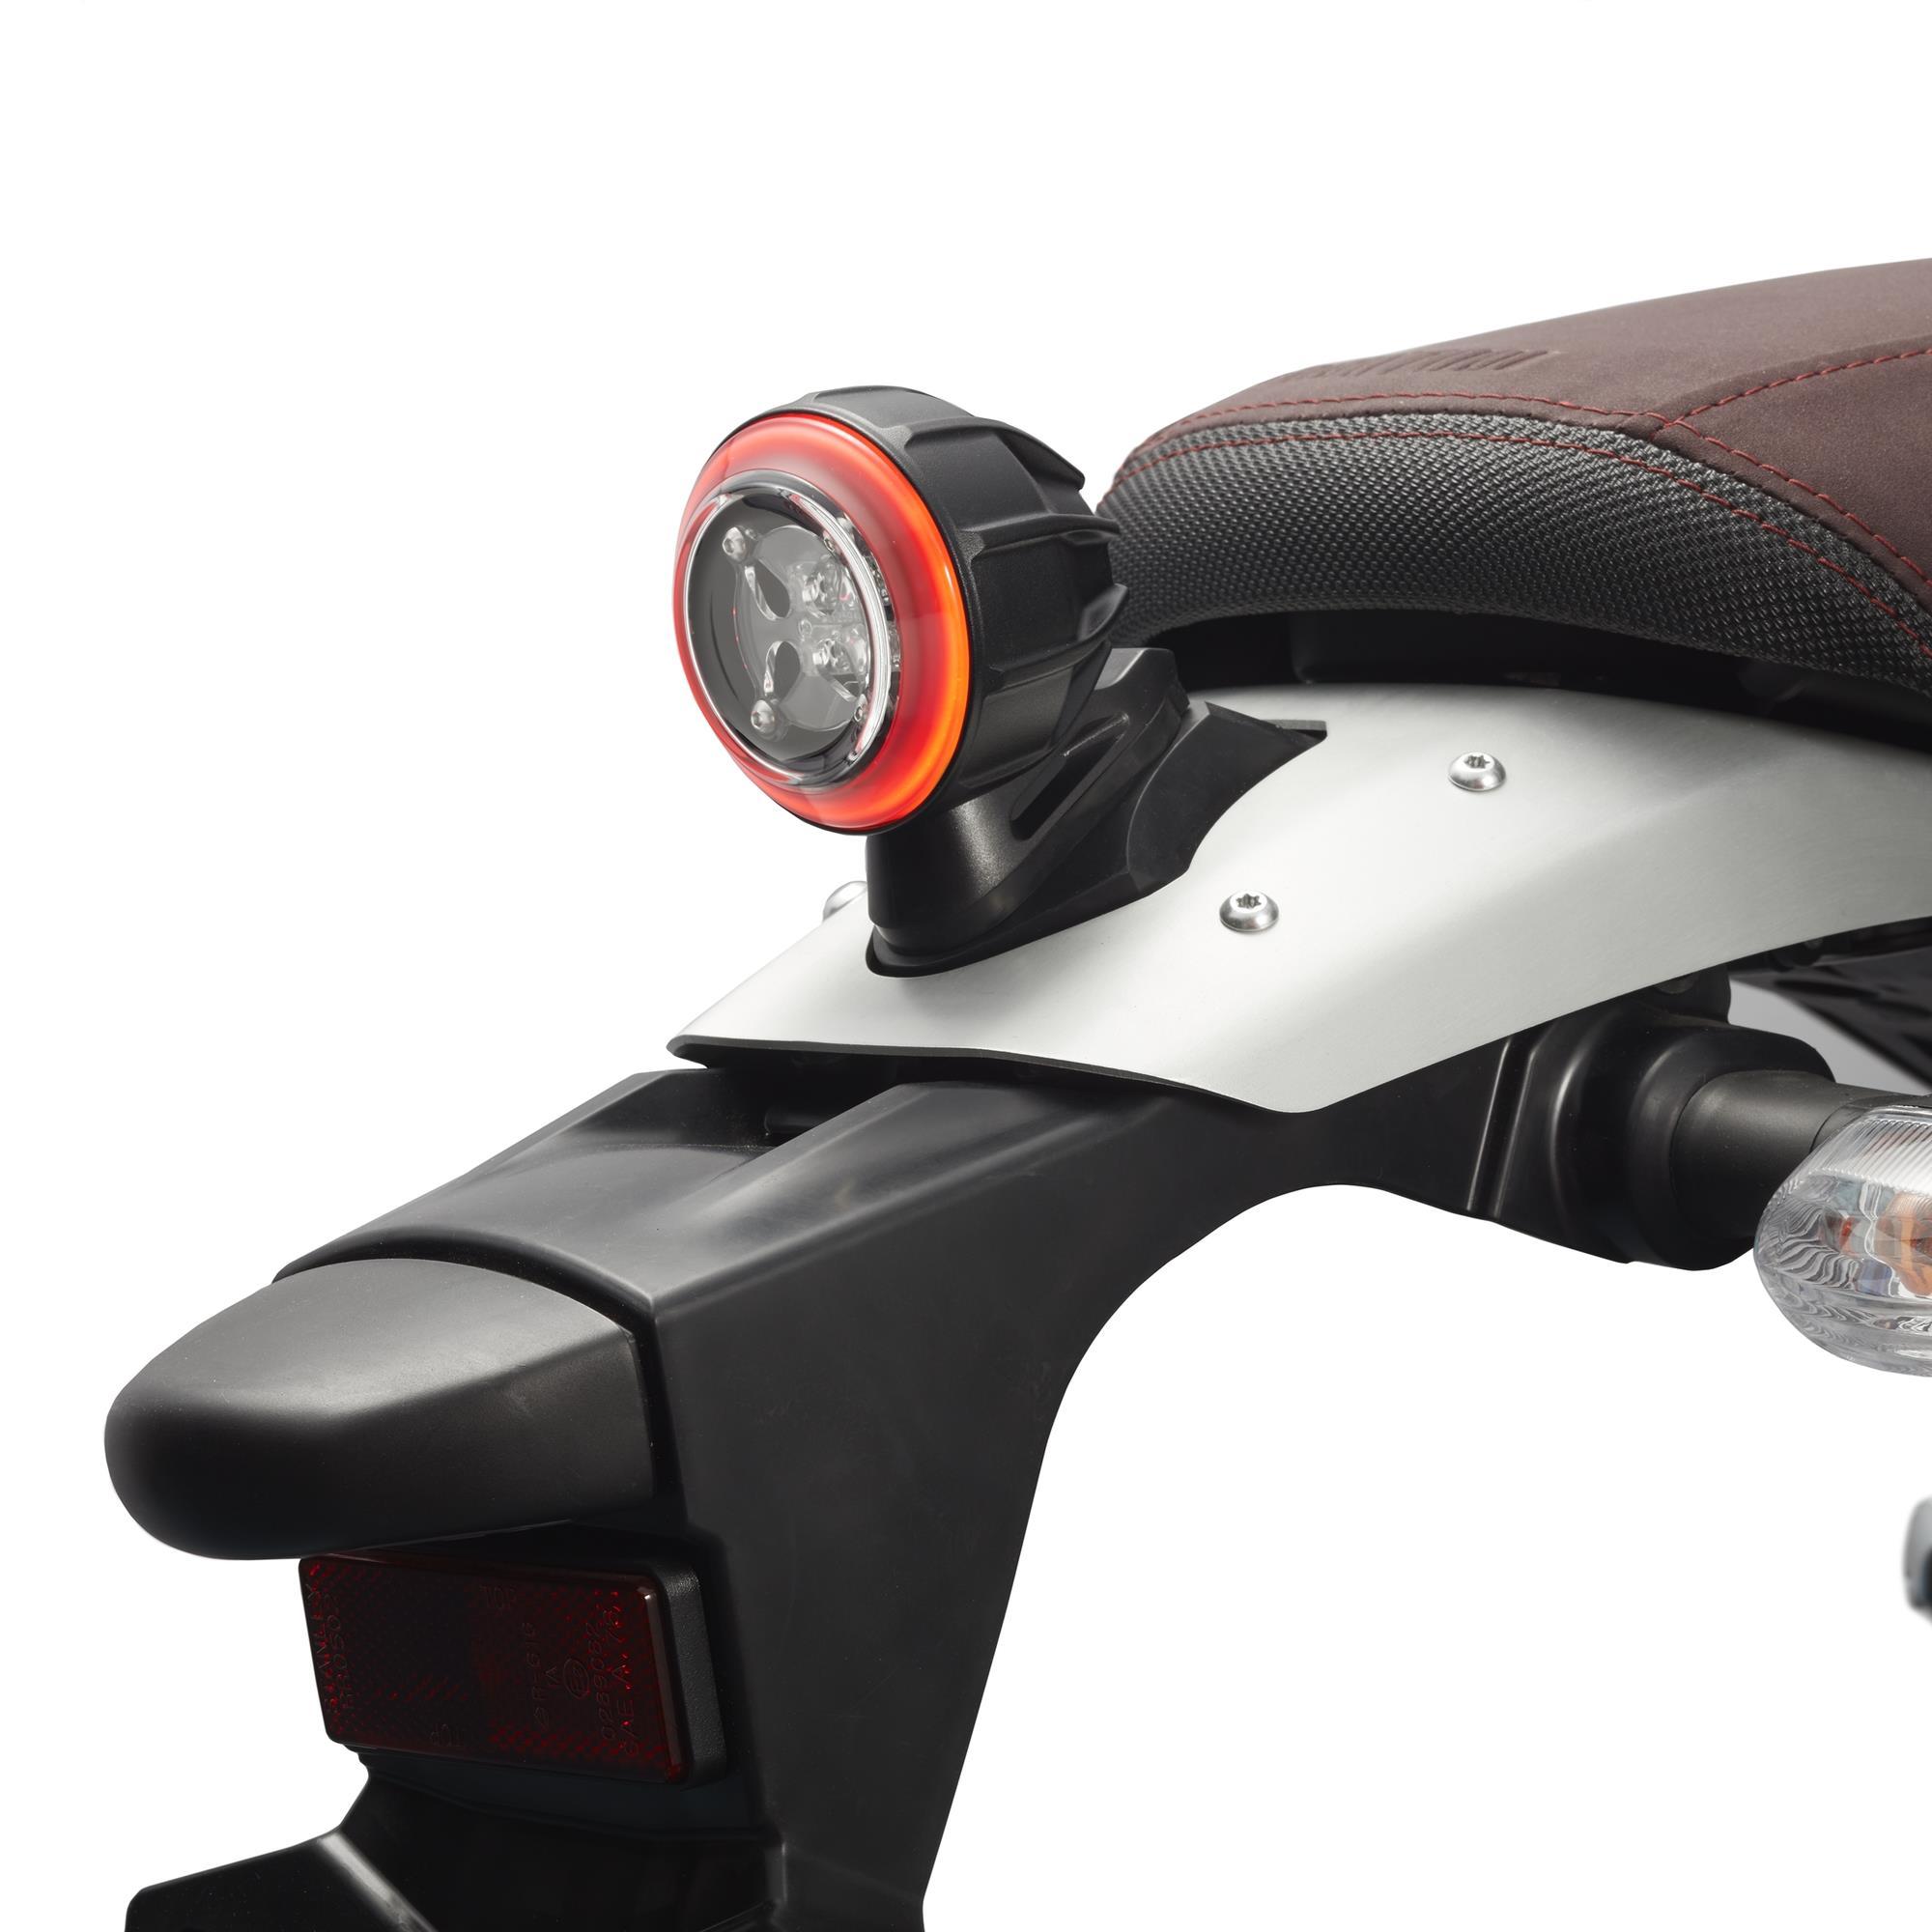 FEU-ARRIRE-LEDS-XSR-700